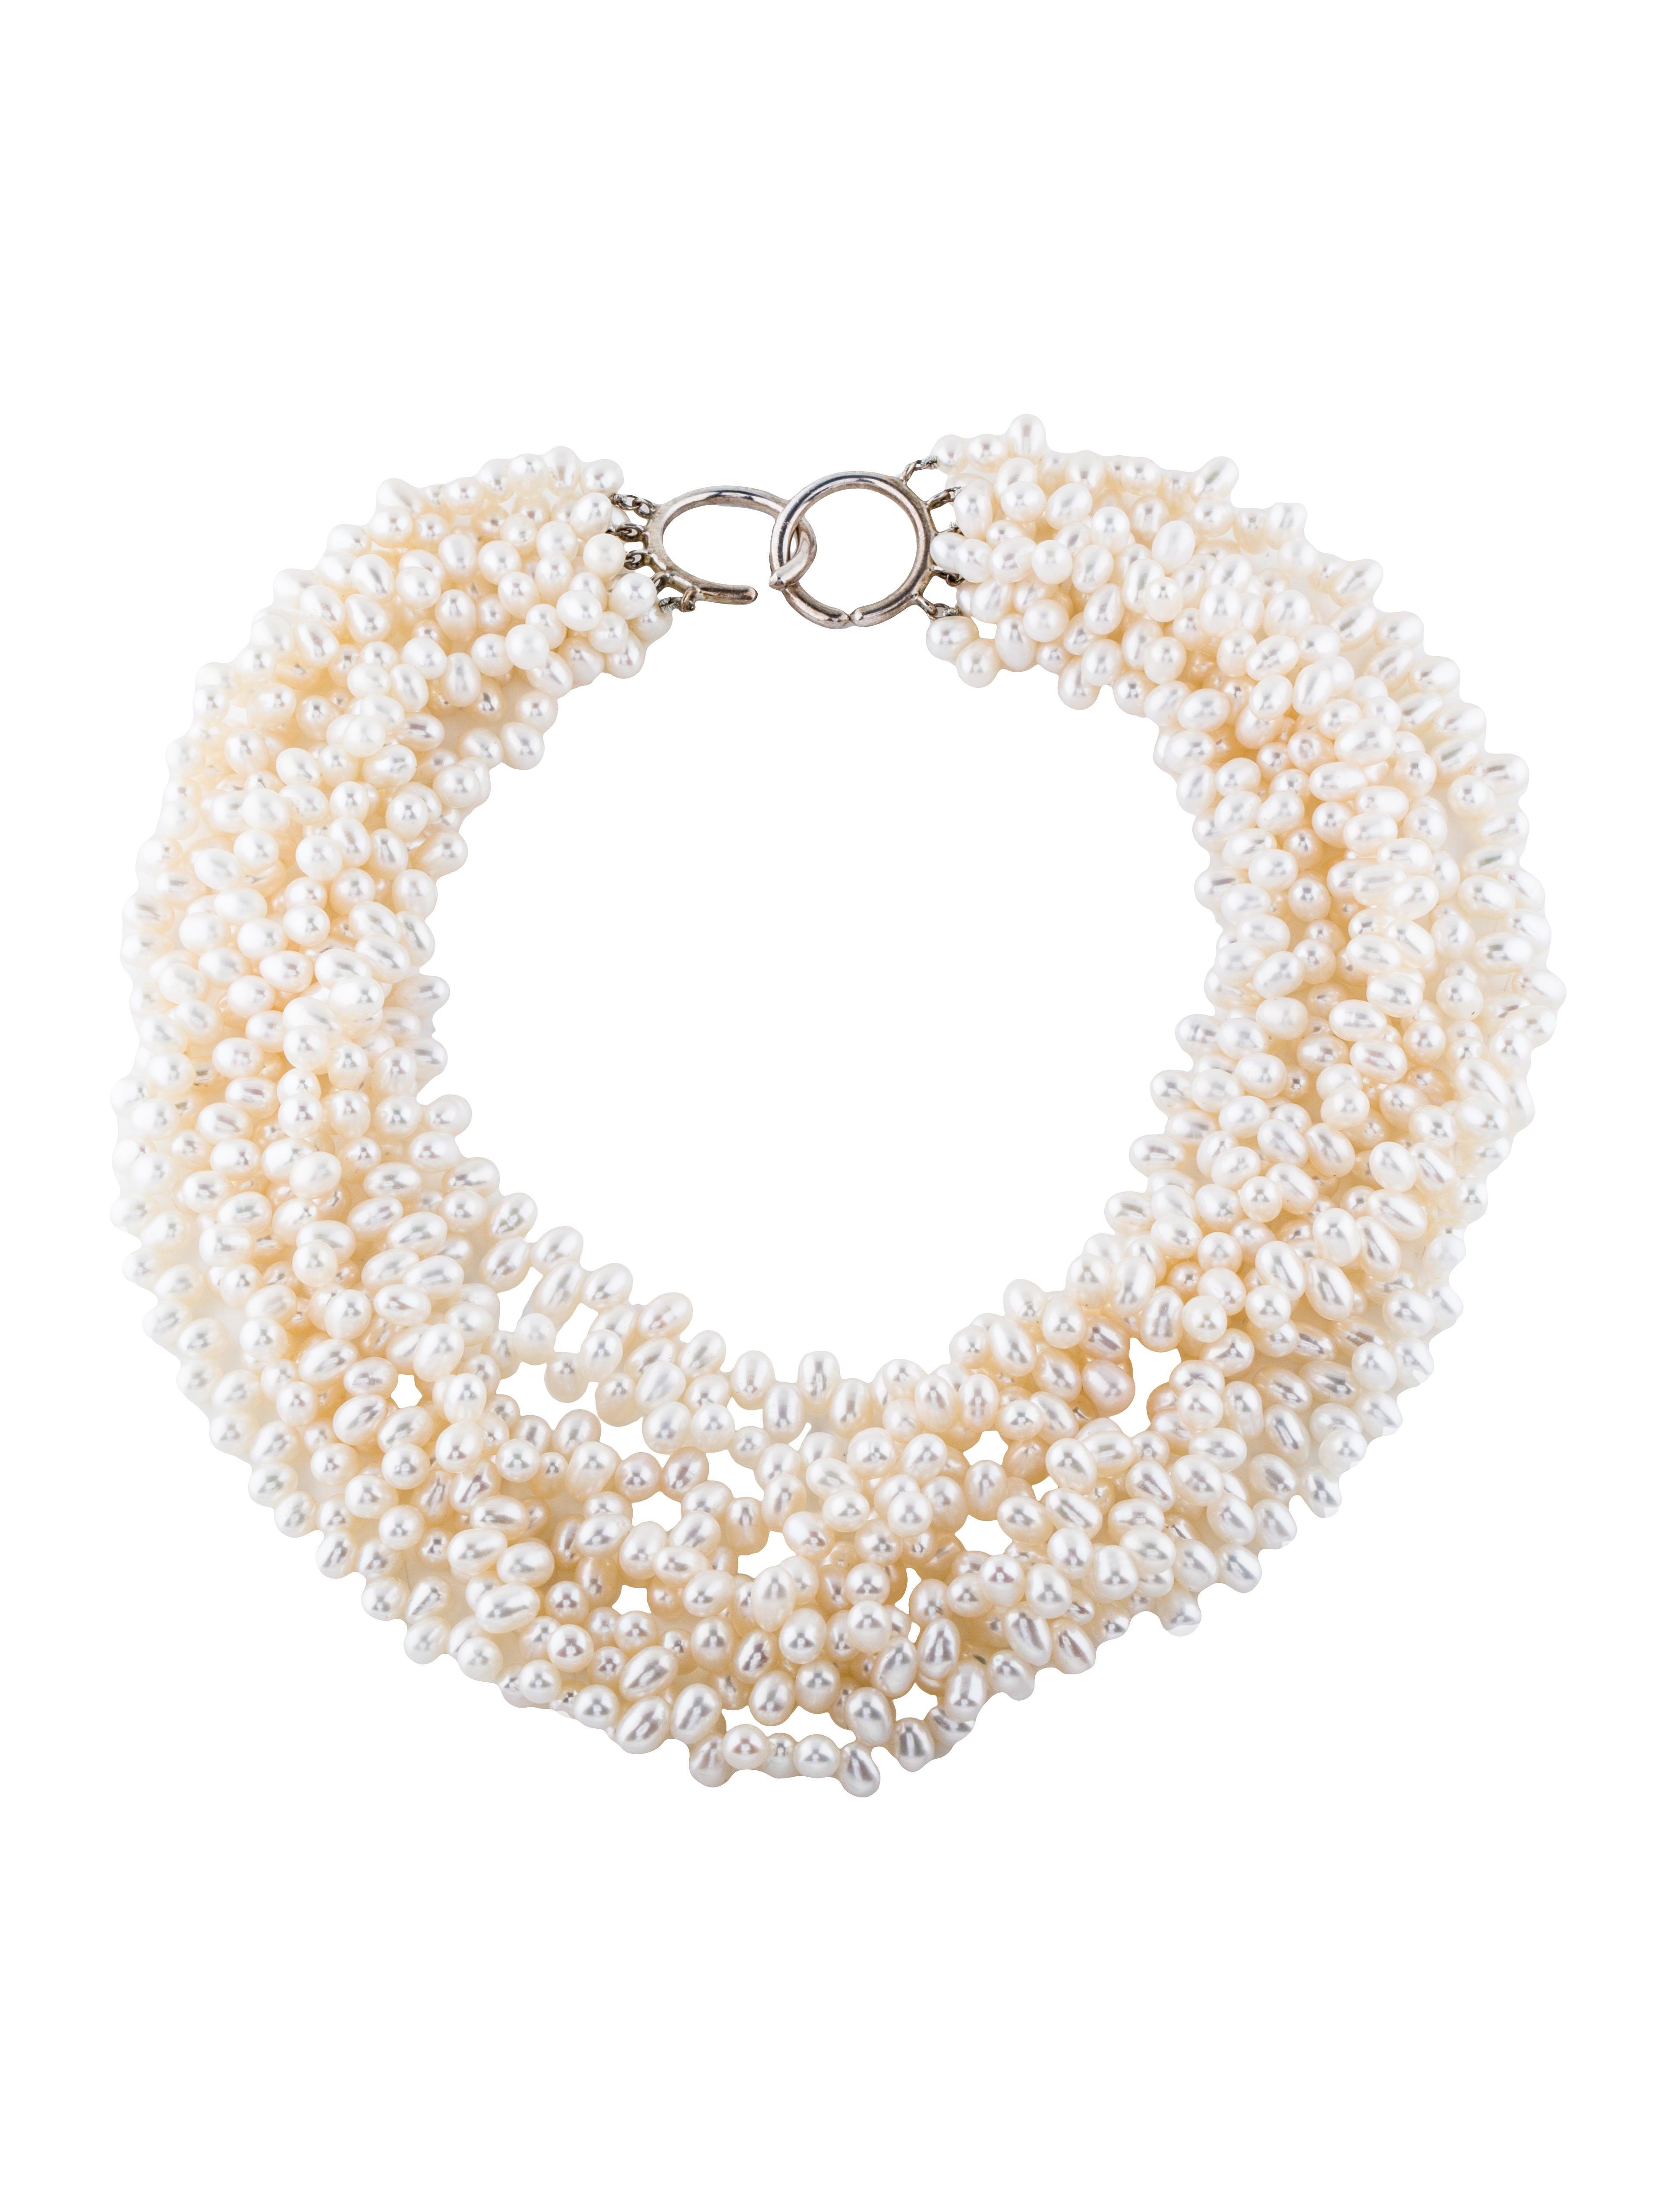 d42ec4353 Tiffany & Co. Pearl Torsade Necklace - Necklaces - TIF40483 | The ...